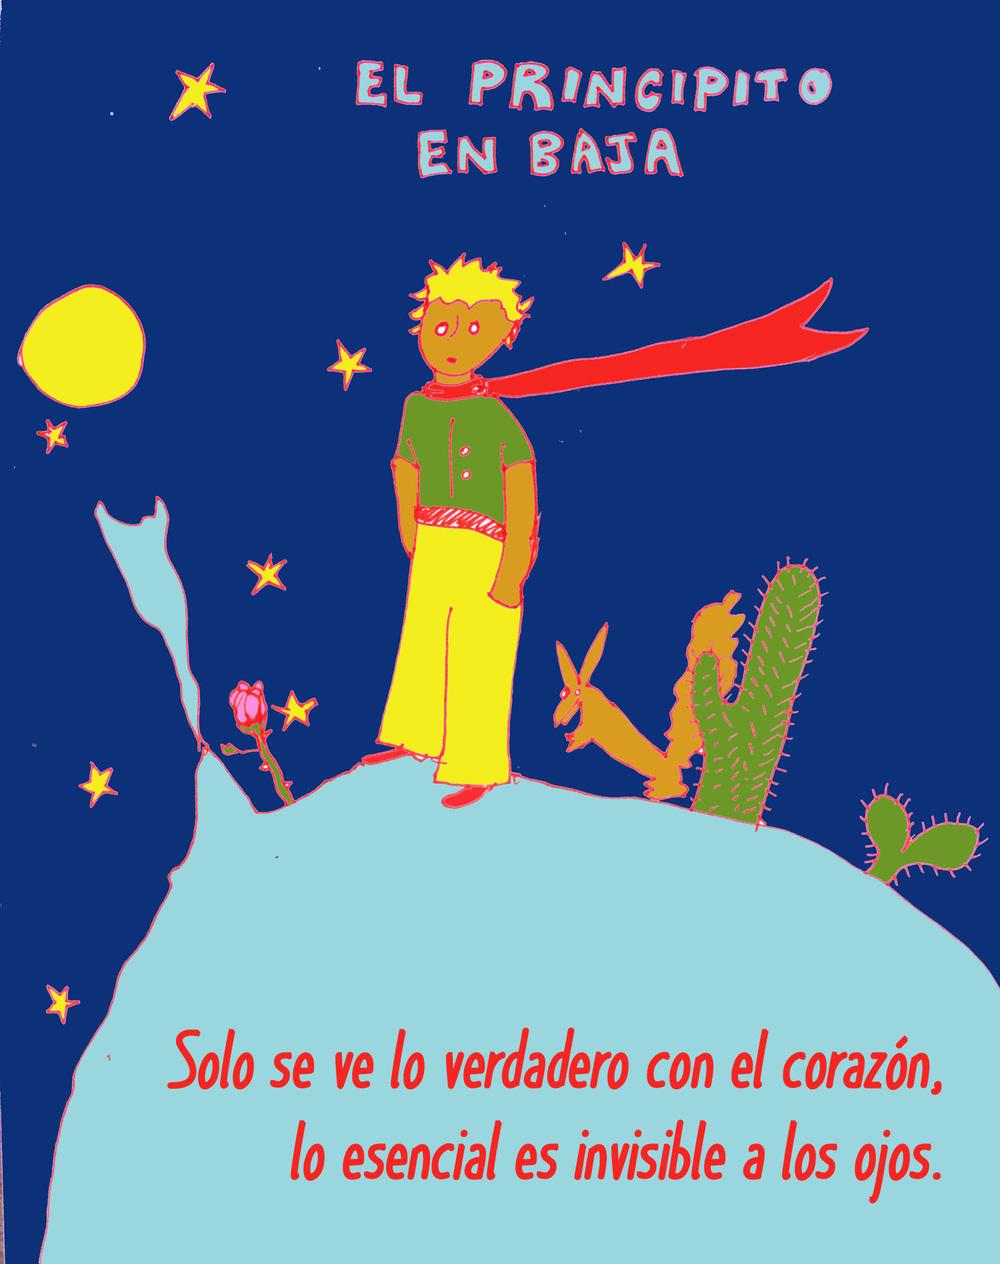 Principito En Baja-Poster-Web.jpg